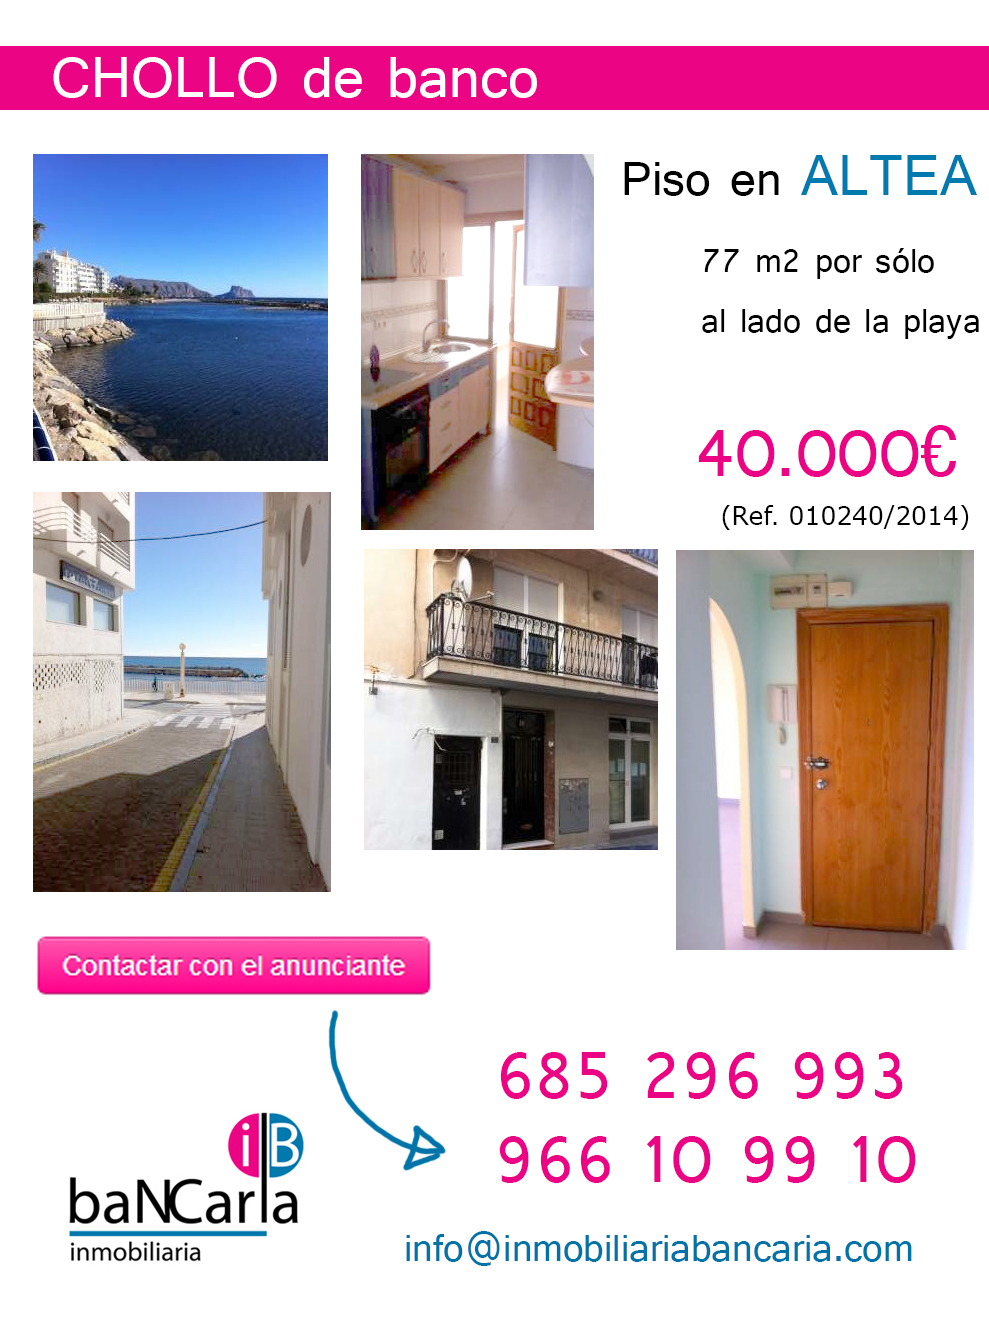 Piso de banco en venta en altea playa inmobiliaria for Pisos de bancos en la playa